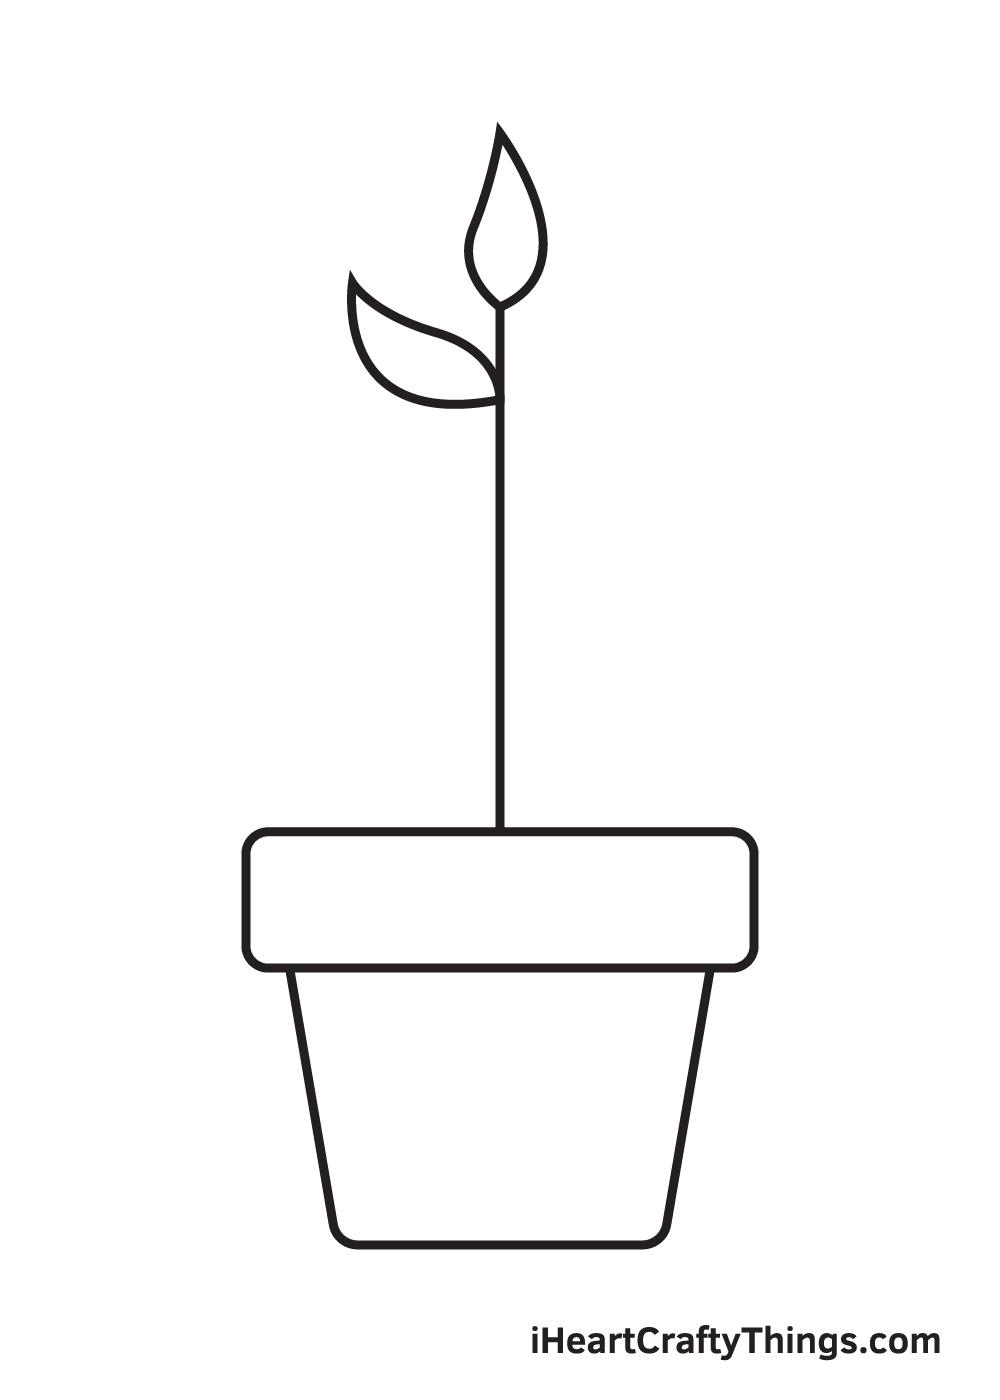 Bản vẽ thực vật - Bước 4